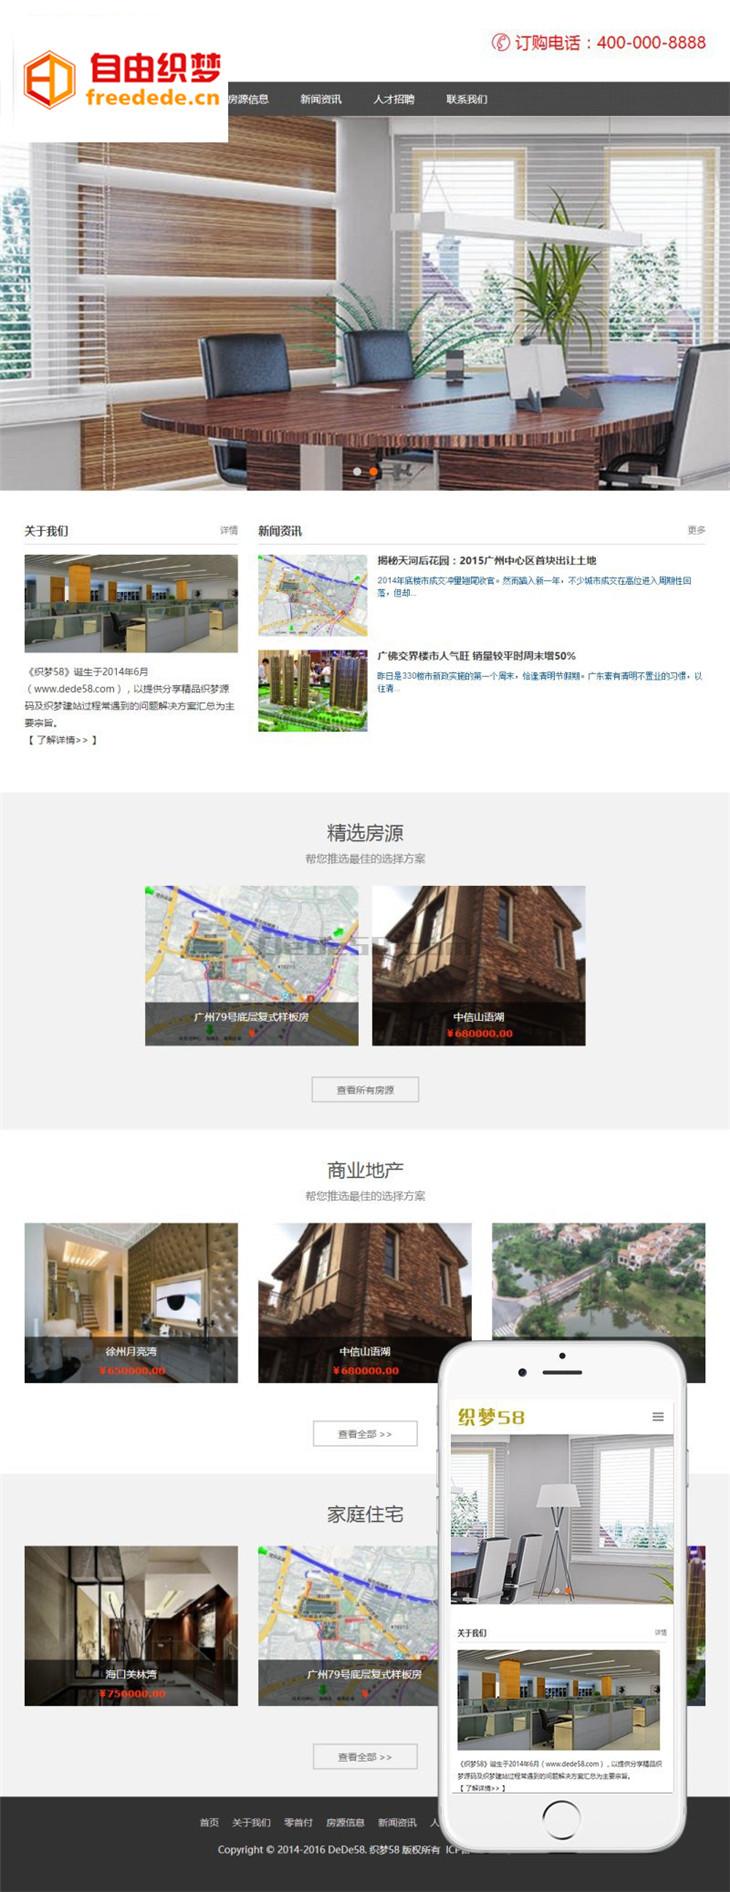 爱上源码网文章营销型房地产企业代理公司网站织响应式梦模板(自适应手机端)整站源码下载的内容插图